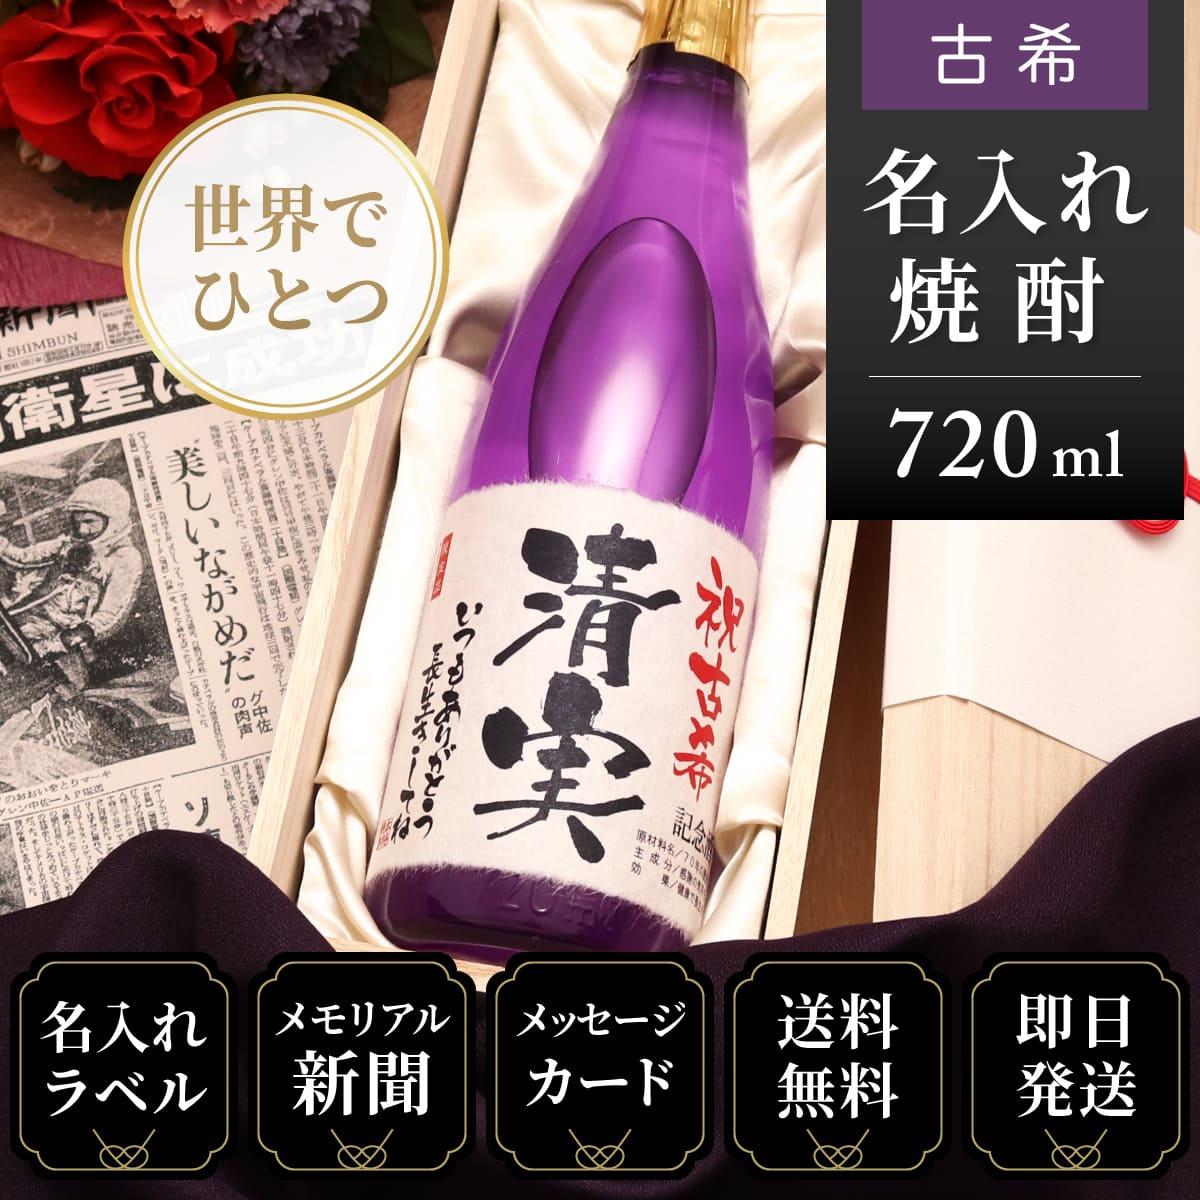 古希のお祝い、プレゼントに記念日の新聞付き「華乃桔梗」720ml(酒粕焼酎)